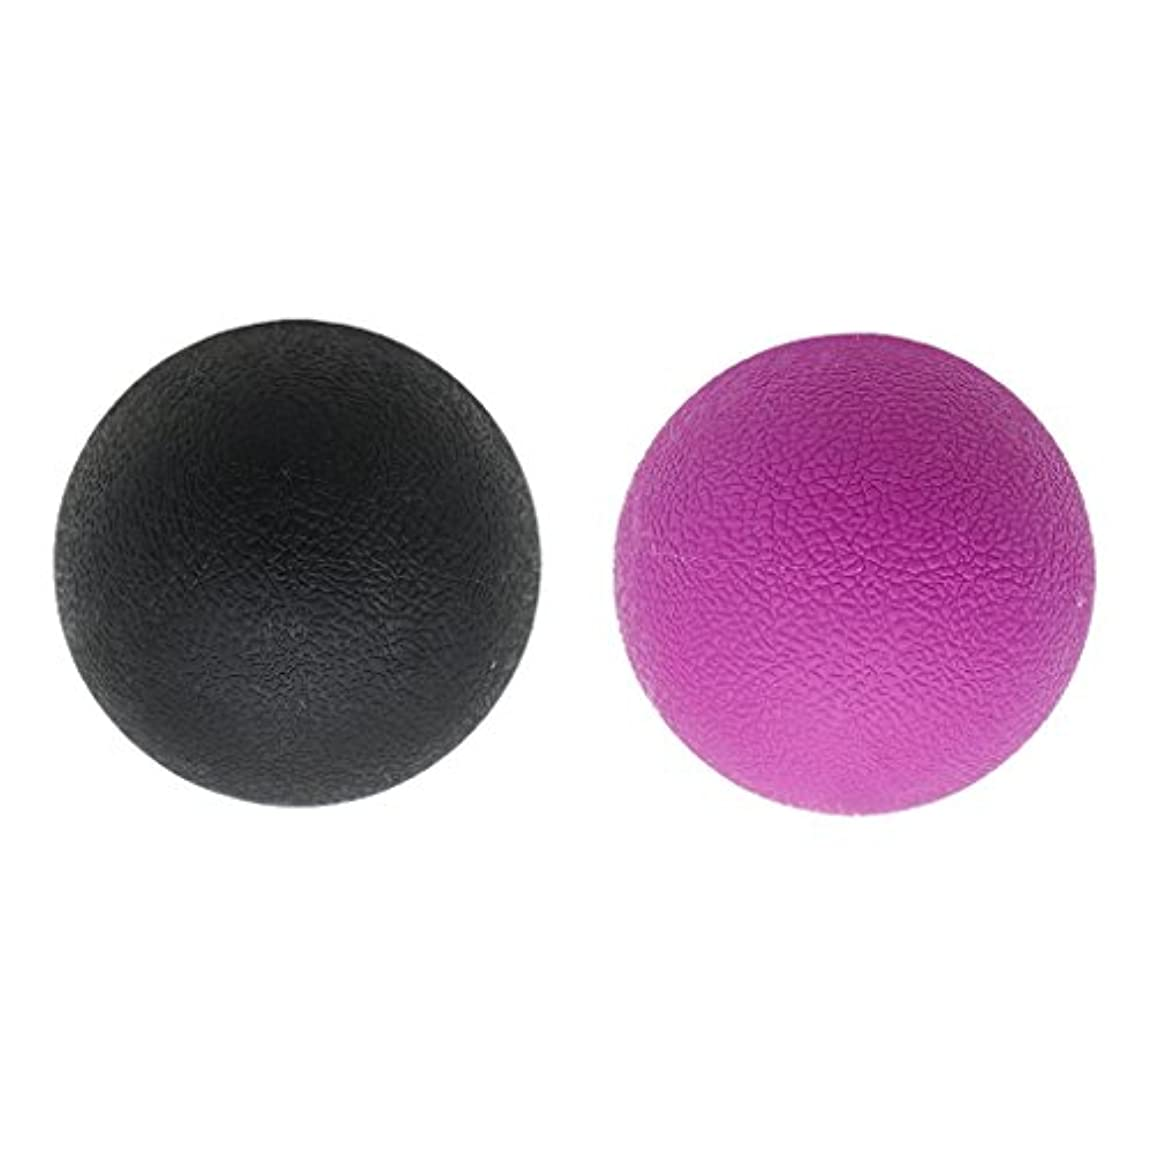 鳩誰でもカロリー2個 マッサージボール ラクロスボール トリガ ポイントマッサージ 弾性TPE 多色選べる - ブラックパープル